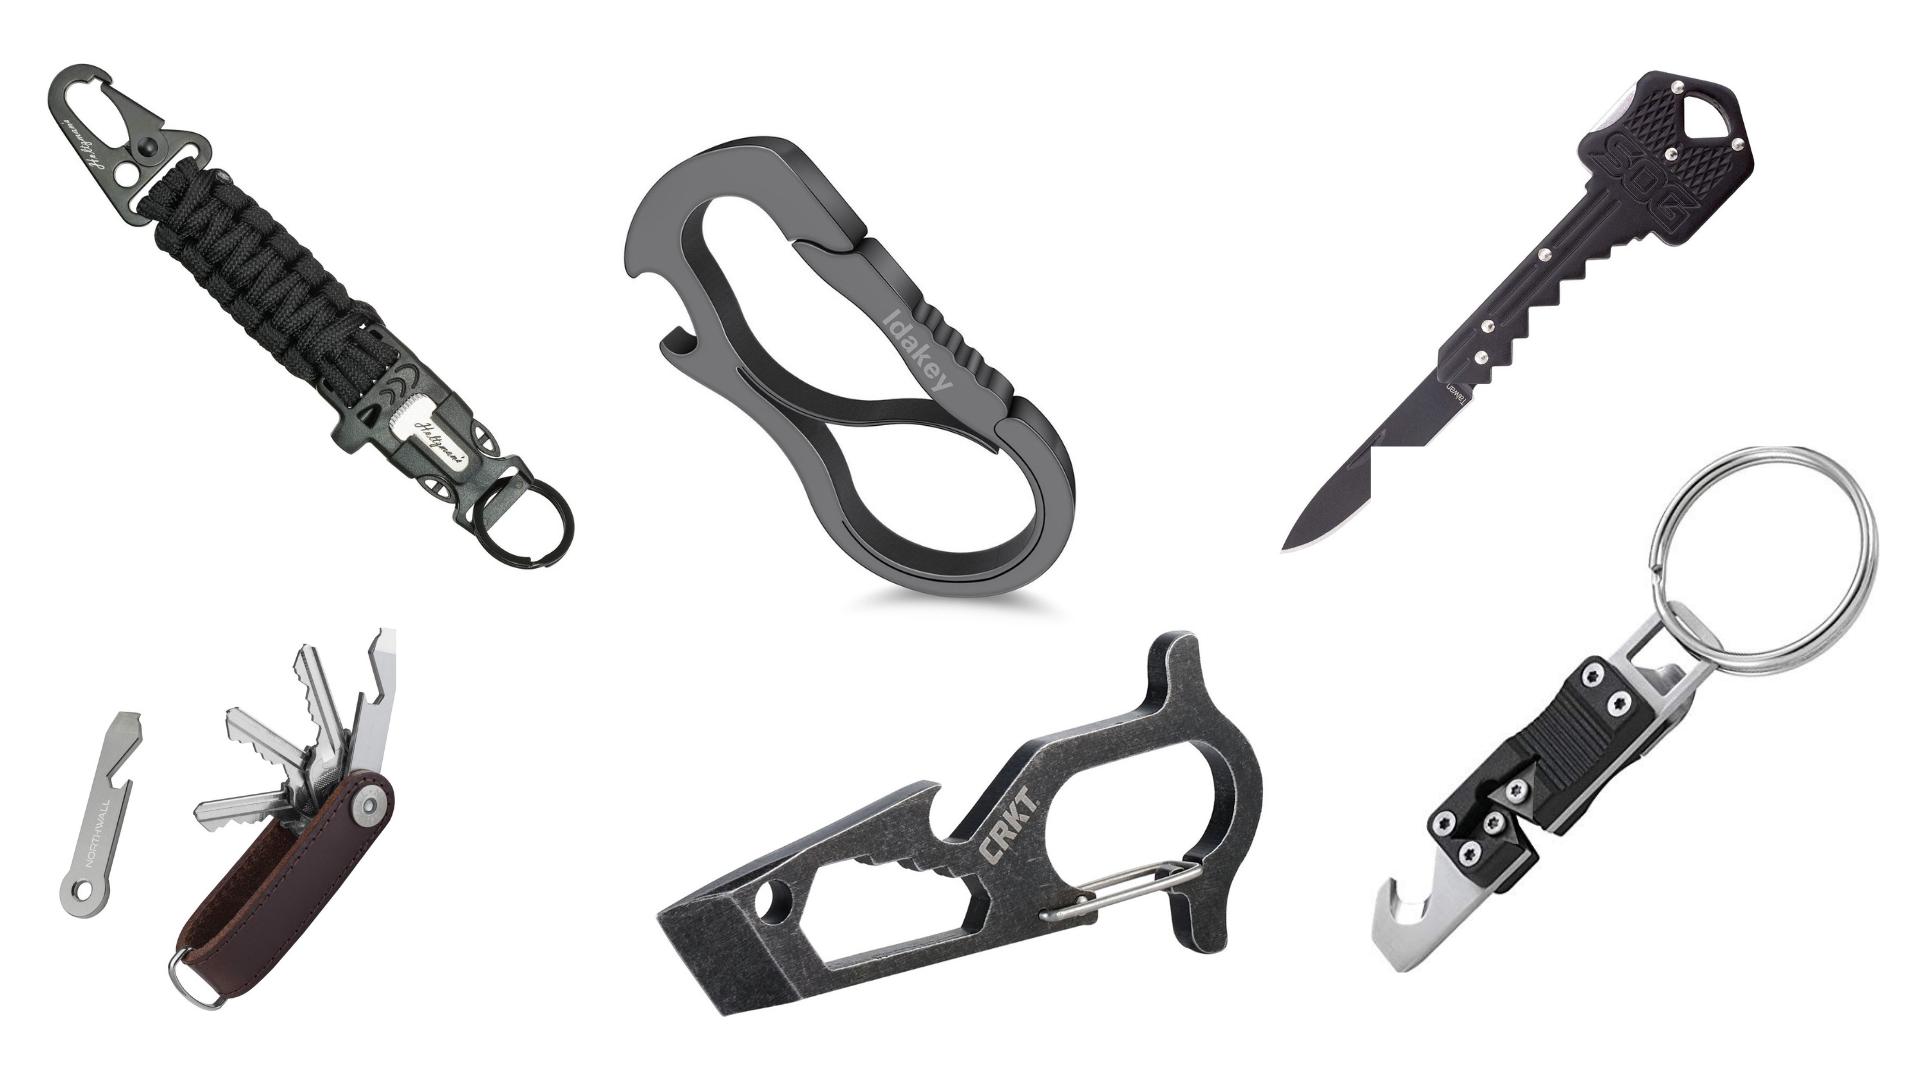 GearOrbit - EDC Smart Key Organizer Keychain